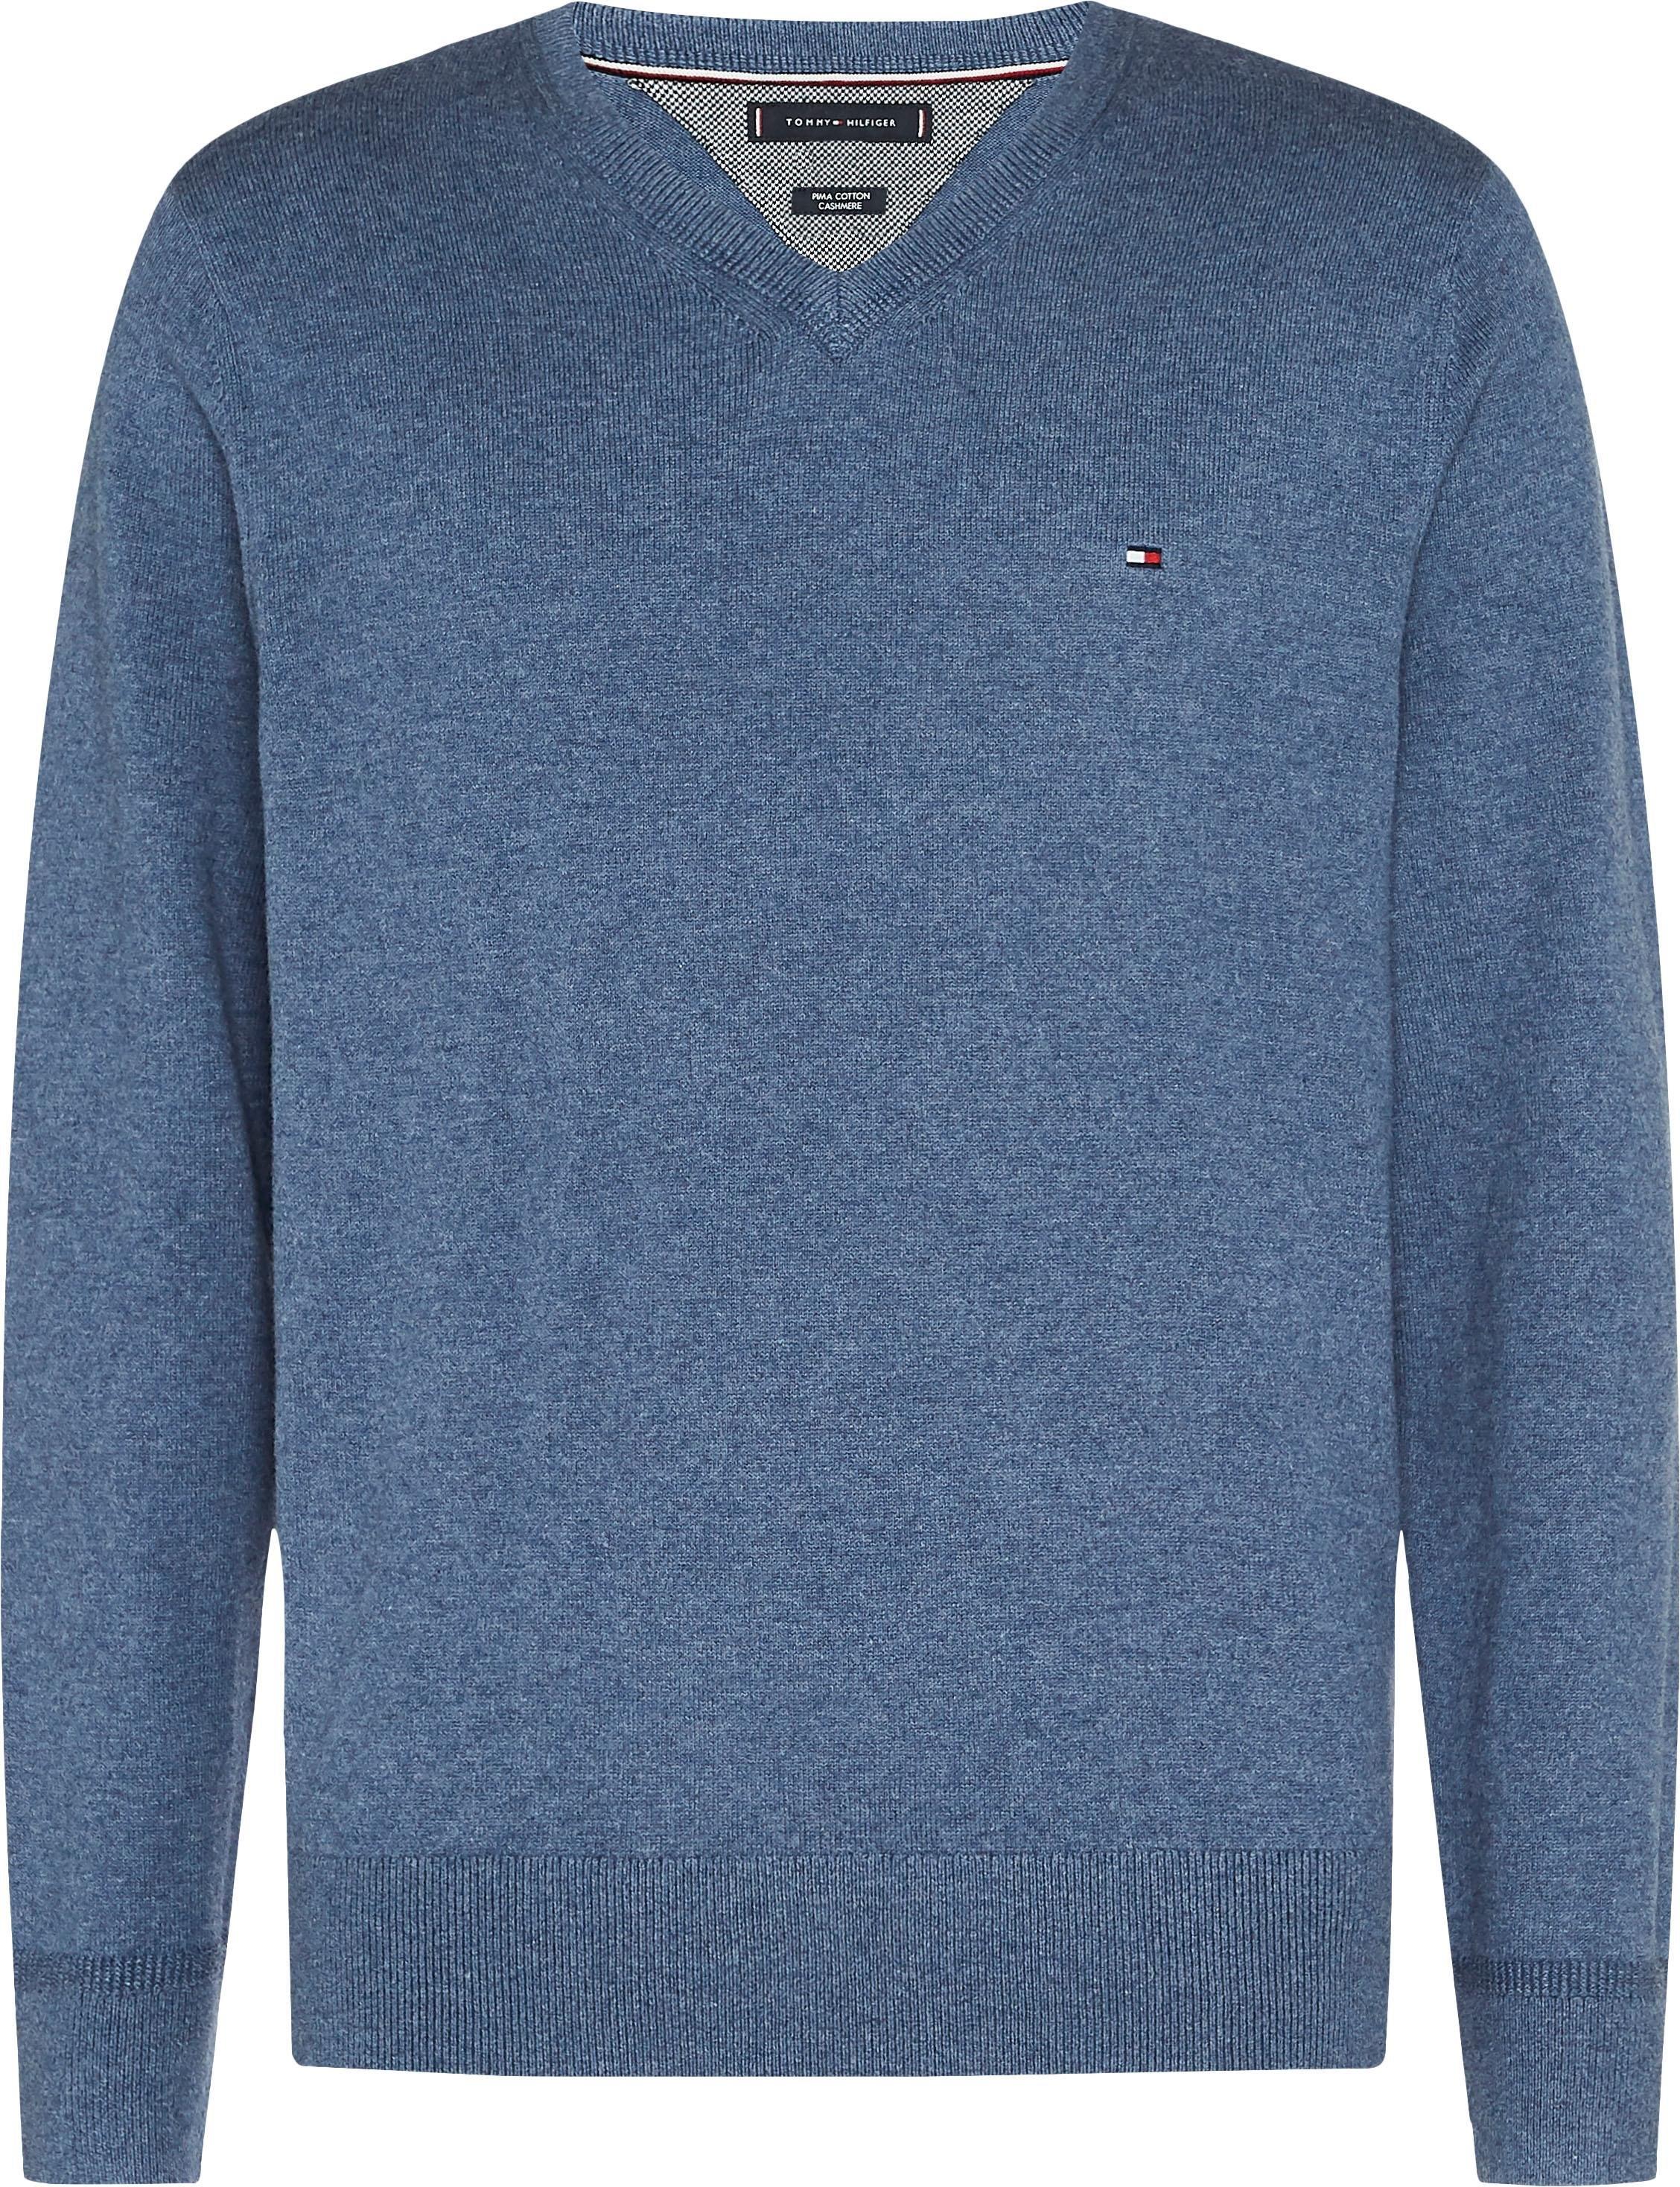 TOMMY HILFIGER trui met V-hals »PIMA COTTON CASHMERE V NECK« voordelig en veilig online kopen